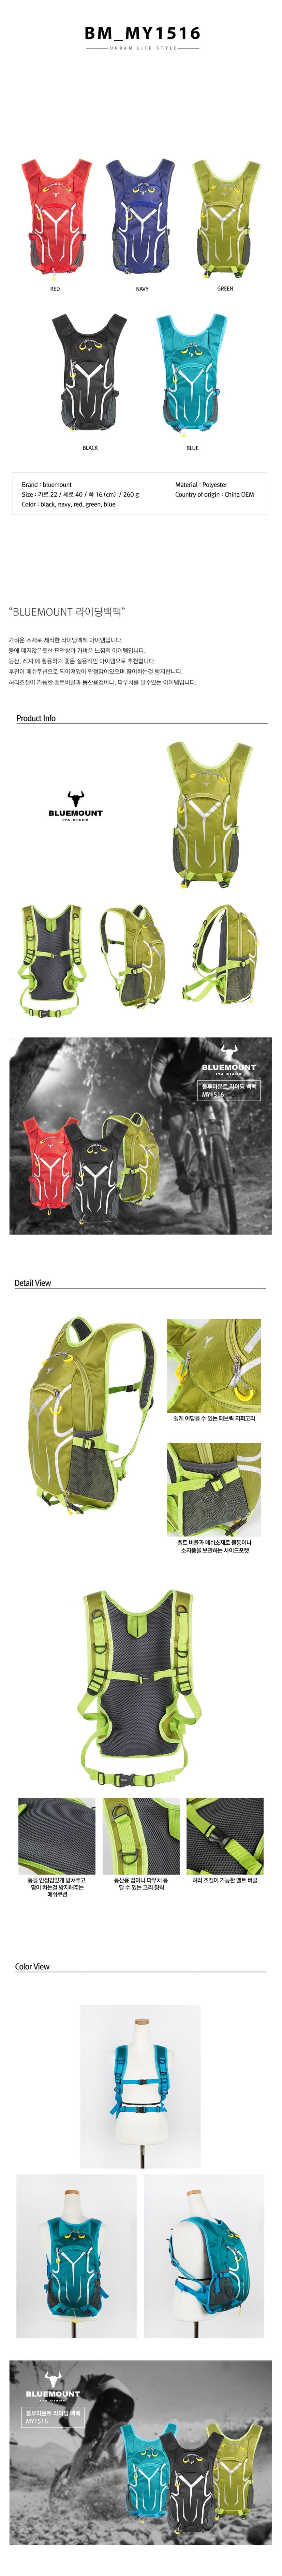 자전거배낭,아웃도어배낭,베낭가방,자전거용품,자전거백팩,자전거가방,라이딩백팩,라이딩가방,싸이클가방,mtb백팩